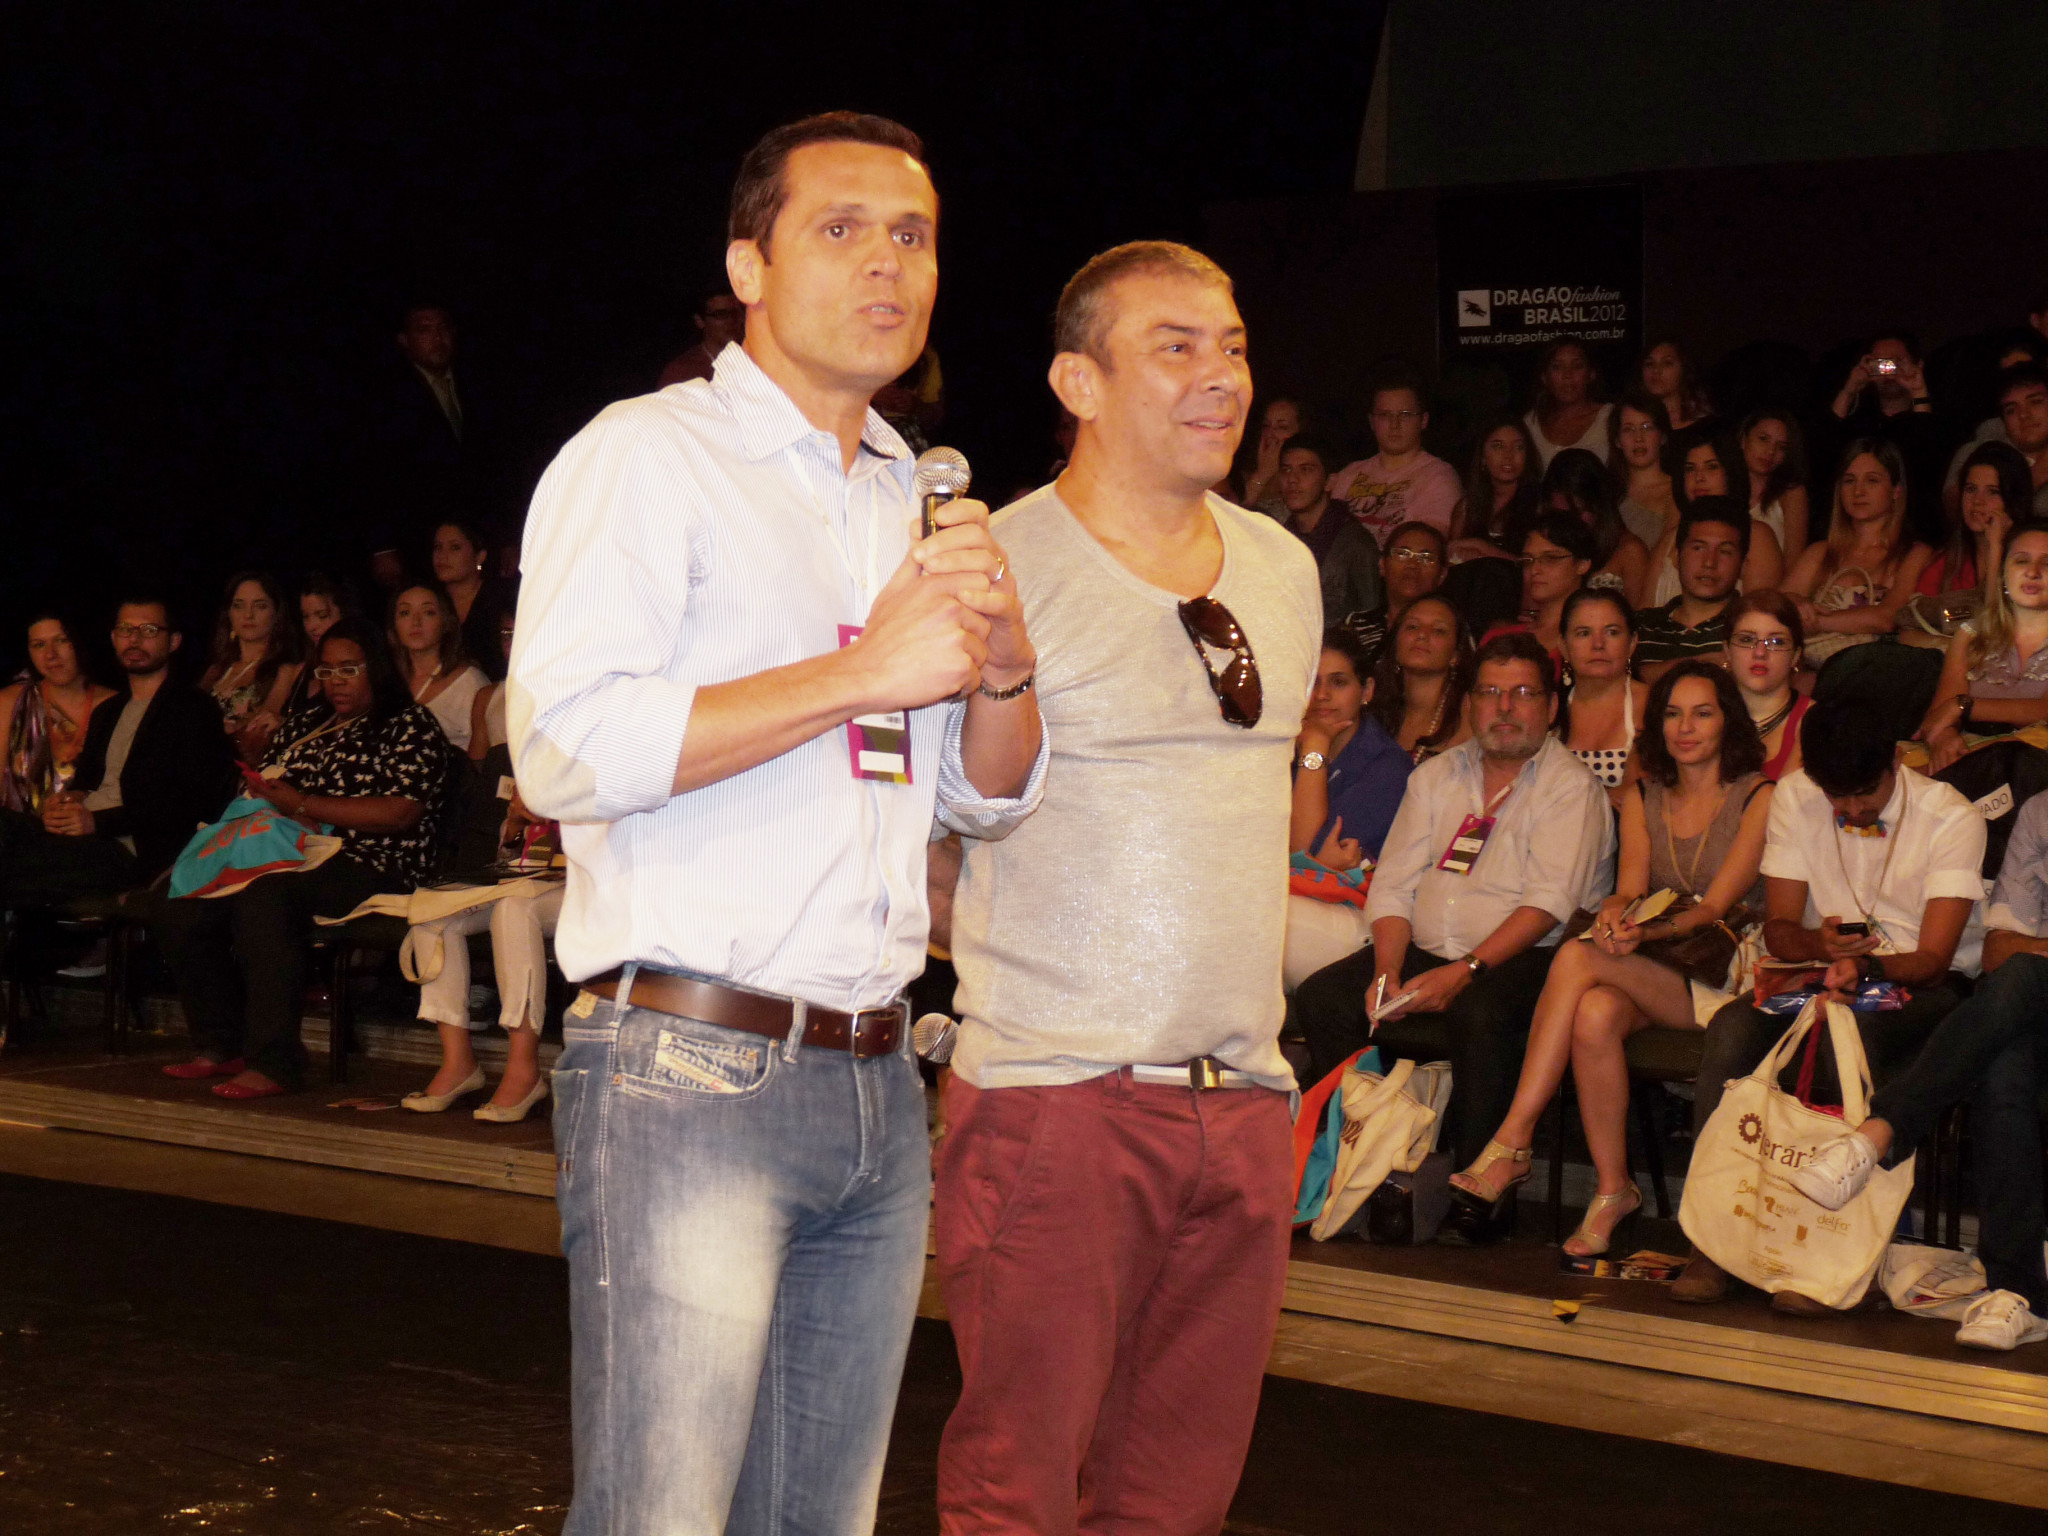 12-04-2012 - Dragão Fashion Brasil - Centro de Convenções (19)